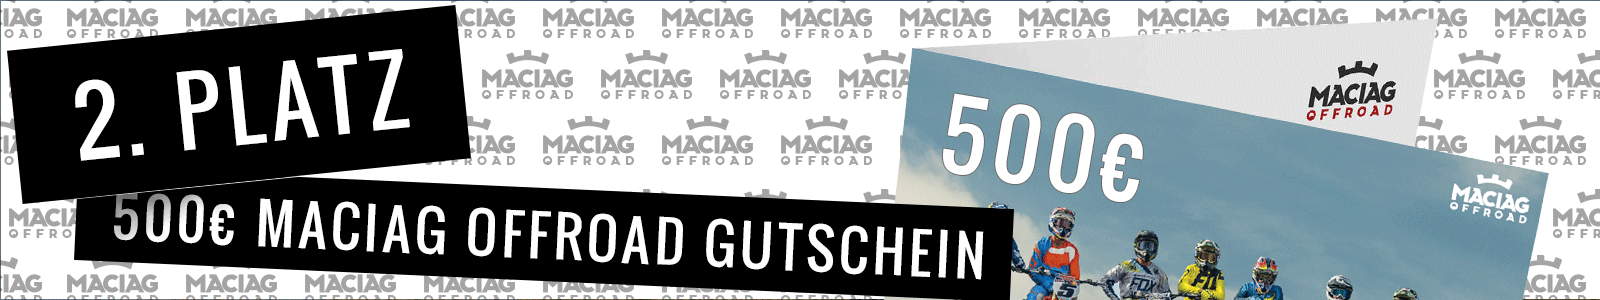 2. Platz MACIAG OFFROAD Gutschein